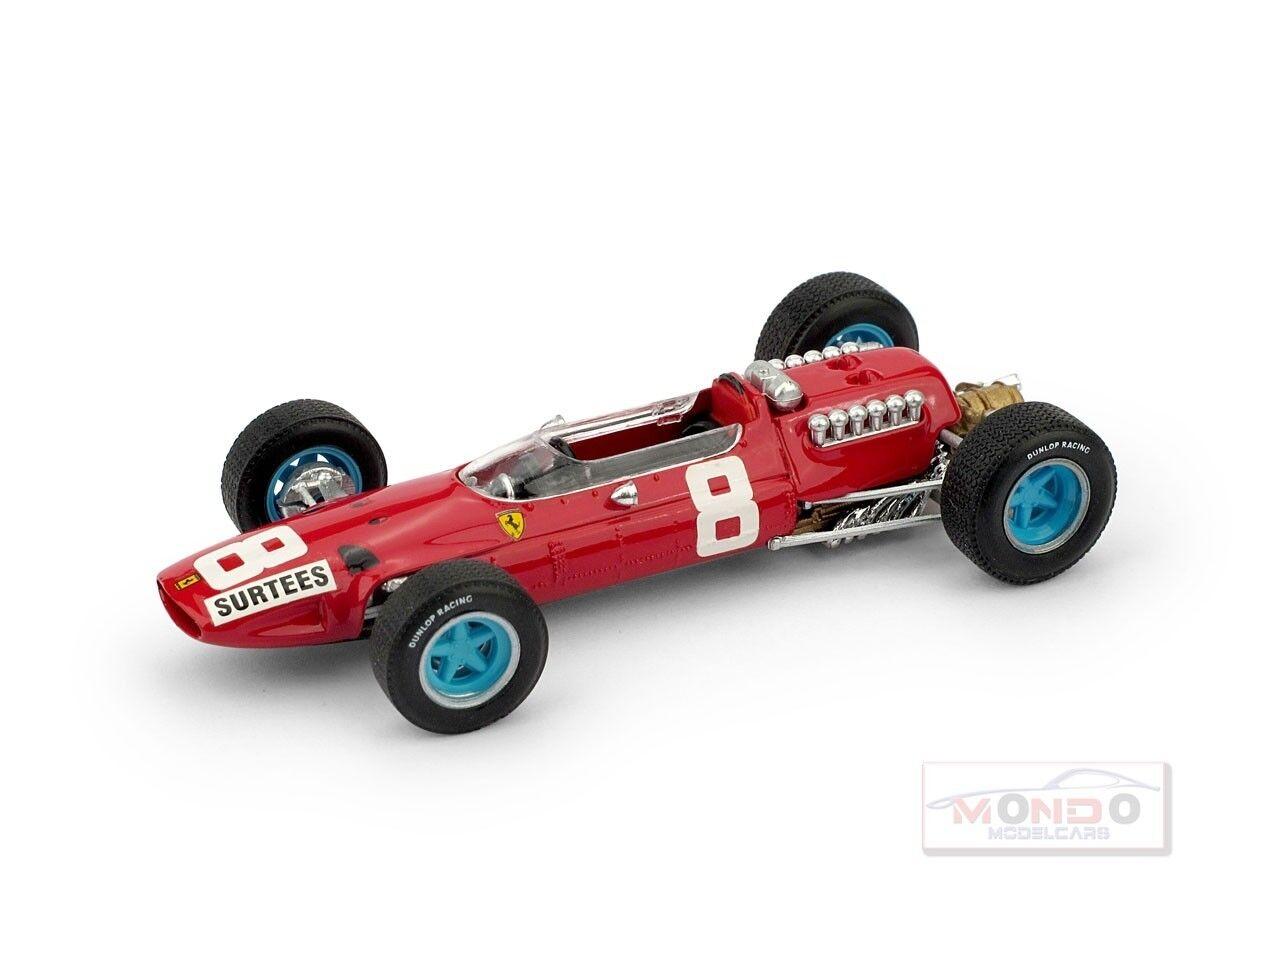 Ferrari 512 G.P. Italia John Surtees 1965 - Brumm R298 1 43 Modellino Diecast